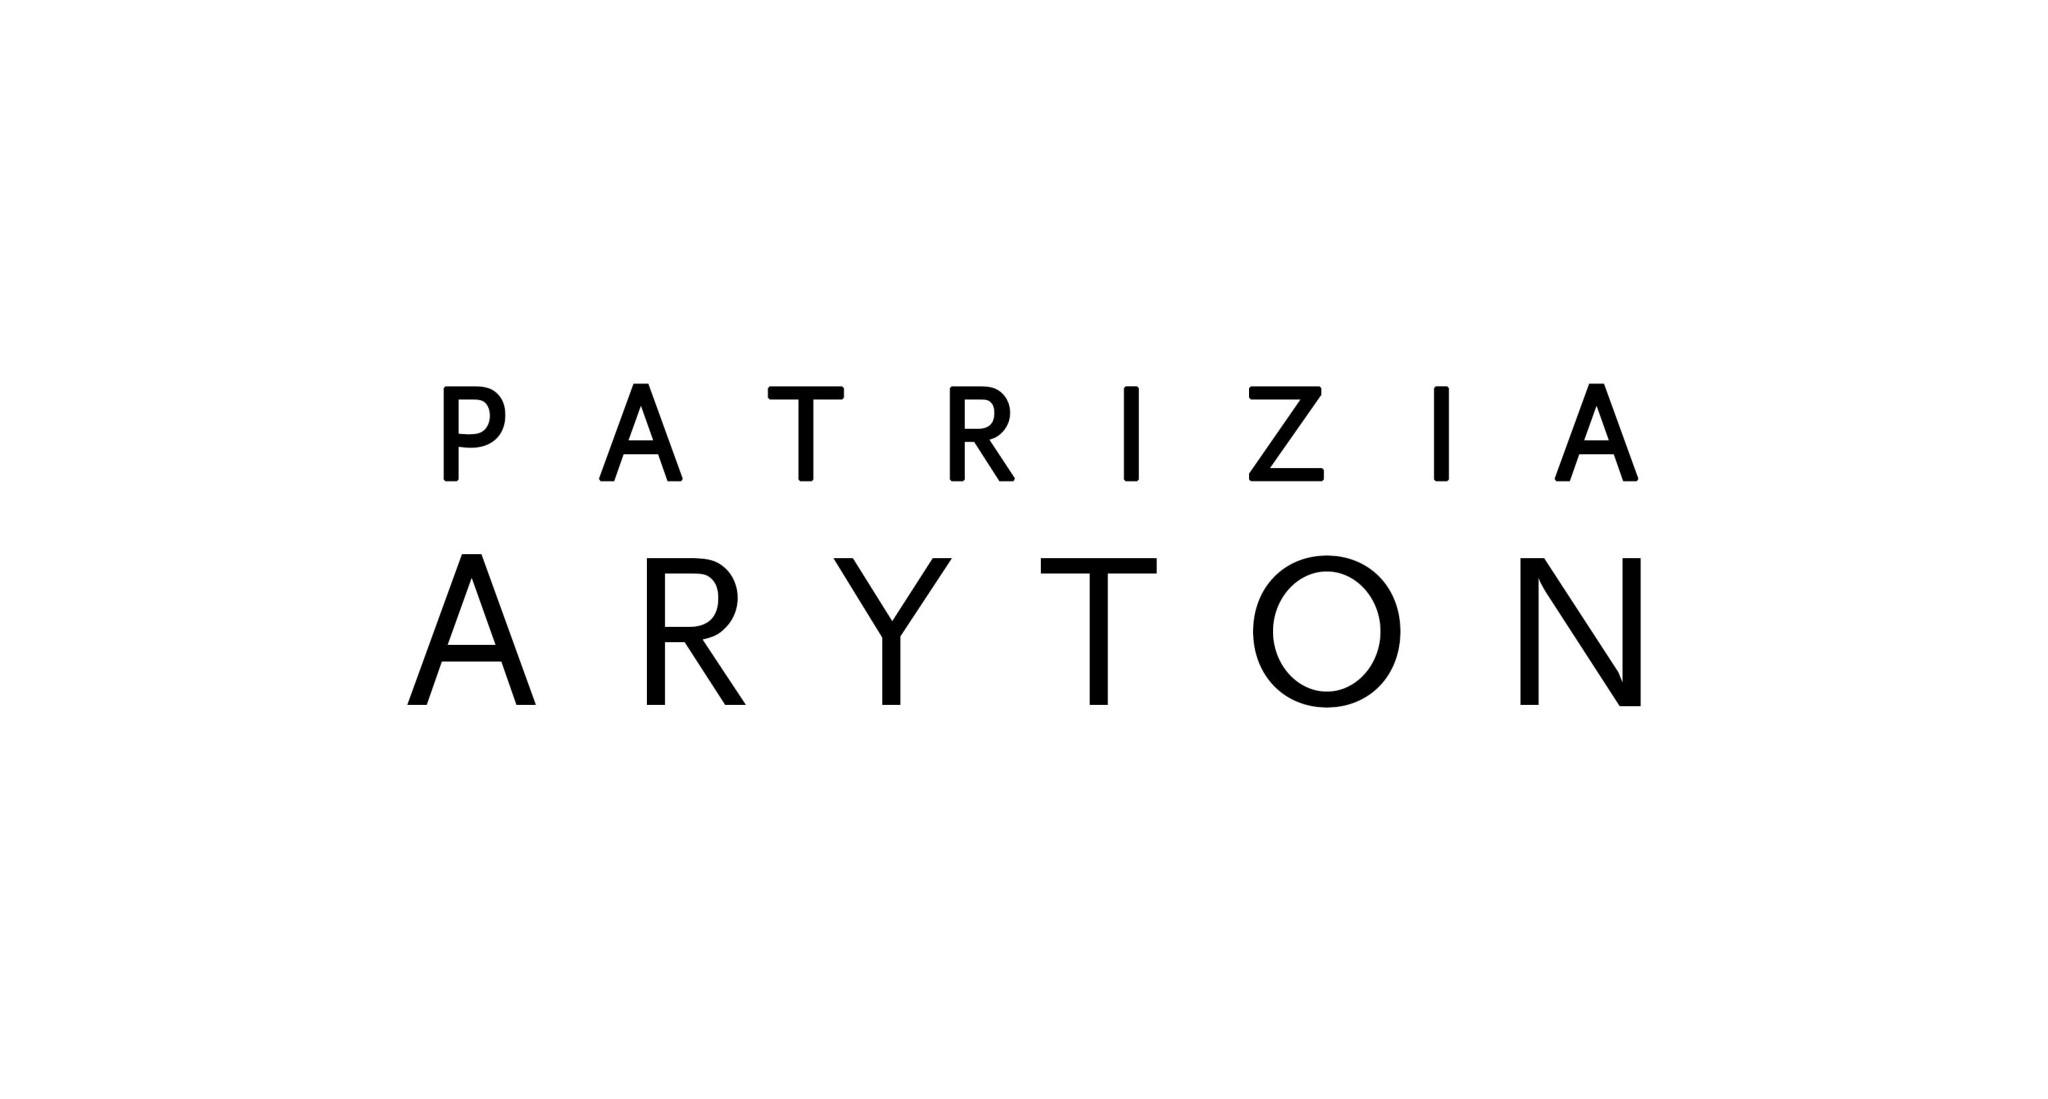 Patrizia Aryton by Marcin Biedroń